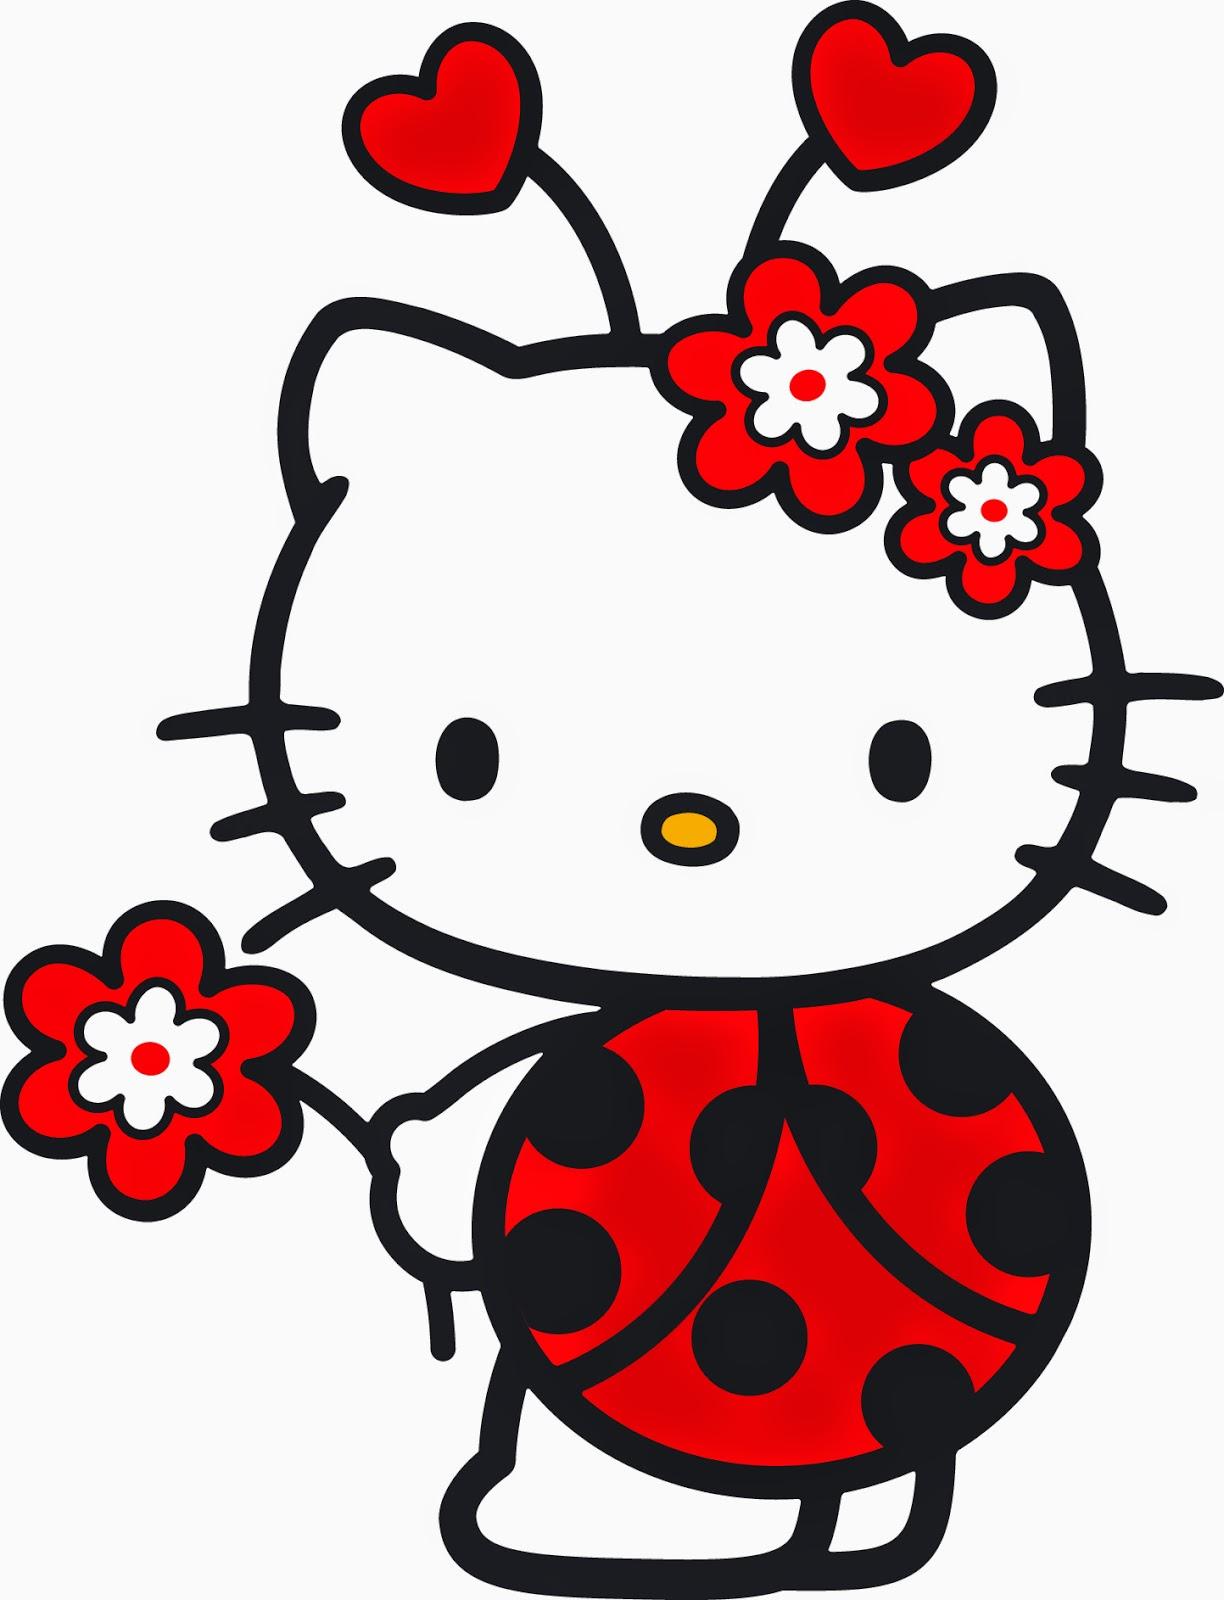 Gifs animados de Flores de Hello Kitty ~ Gifmania - Imagenes De Hello Kitty Con Flores